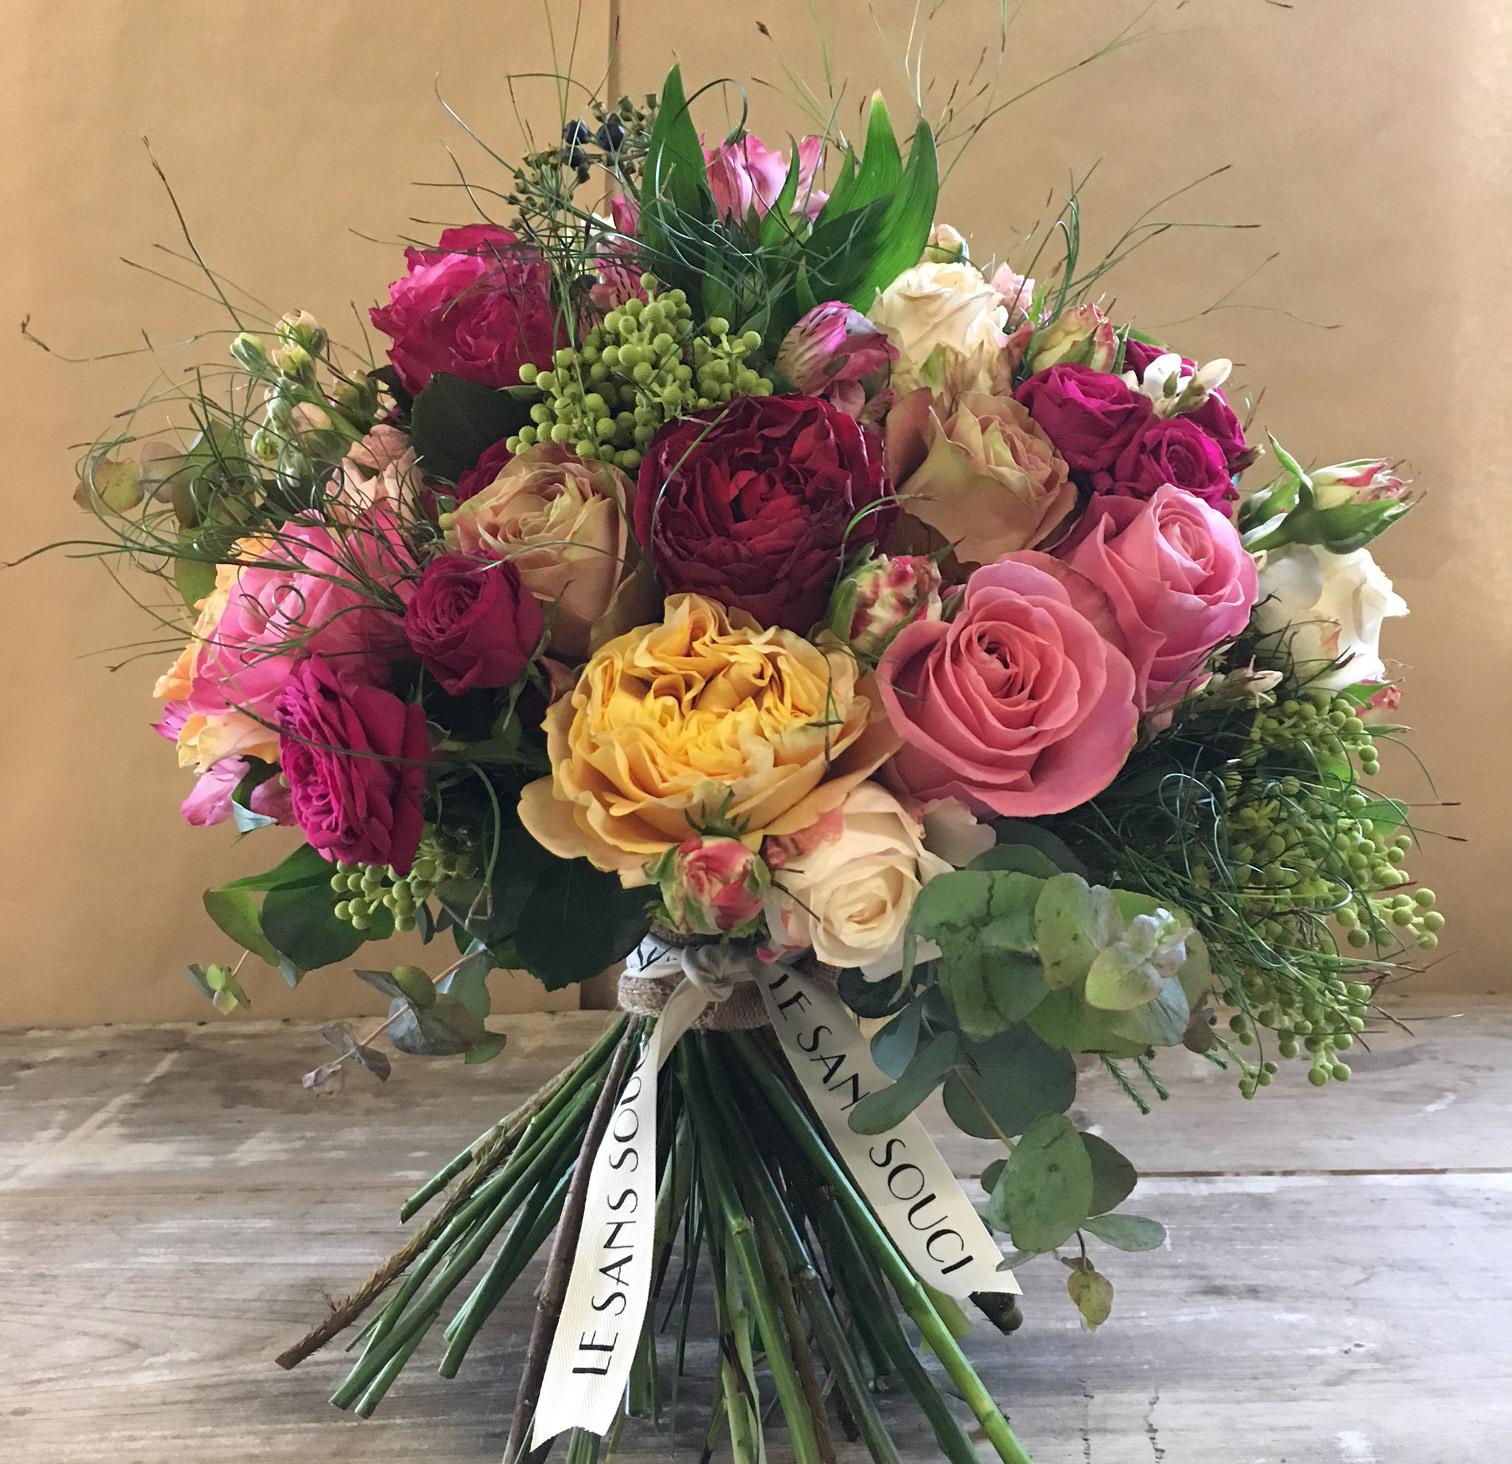 Rosalind luxury bouquet le sans souci flowers rosalind luxury bouquet izmirmasajfo Choice Image